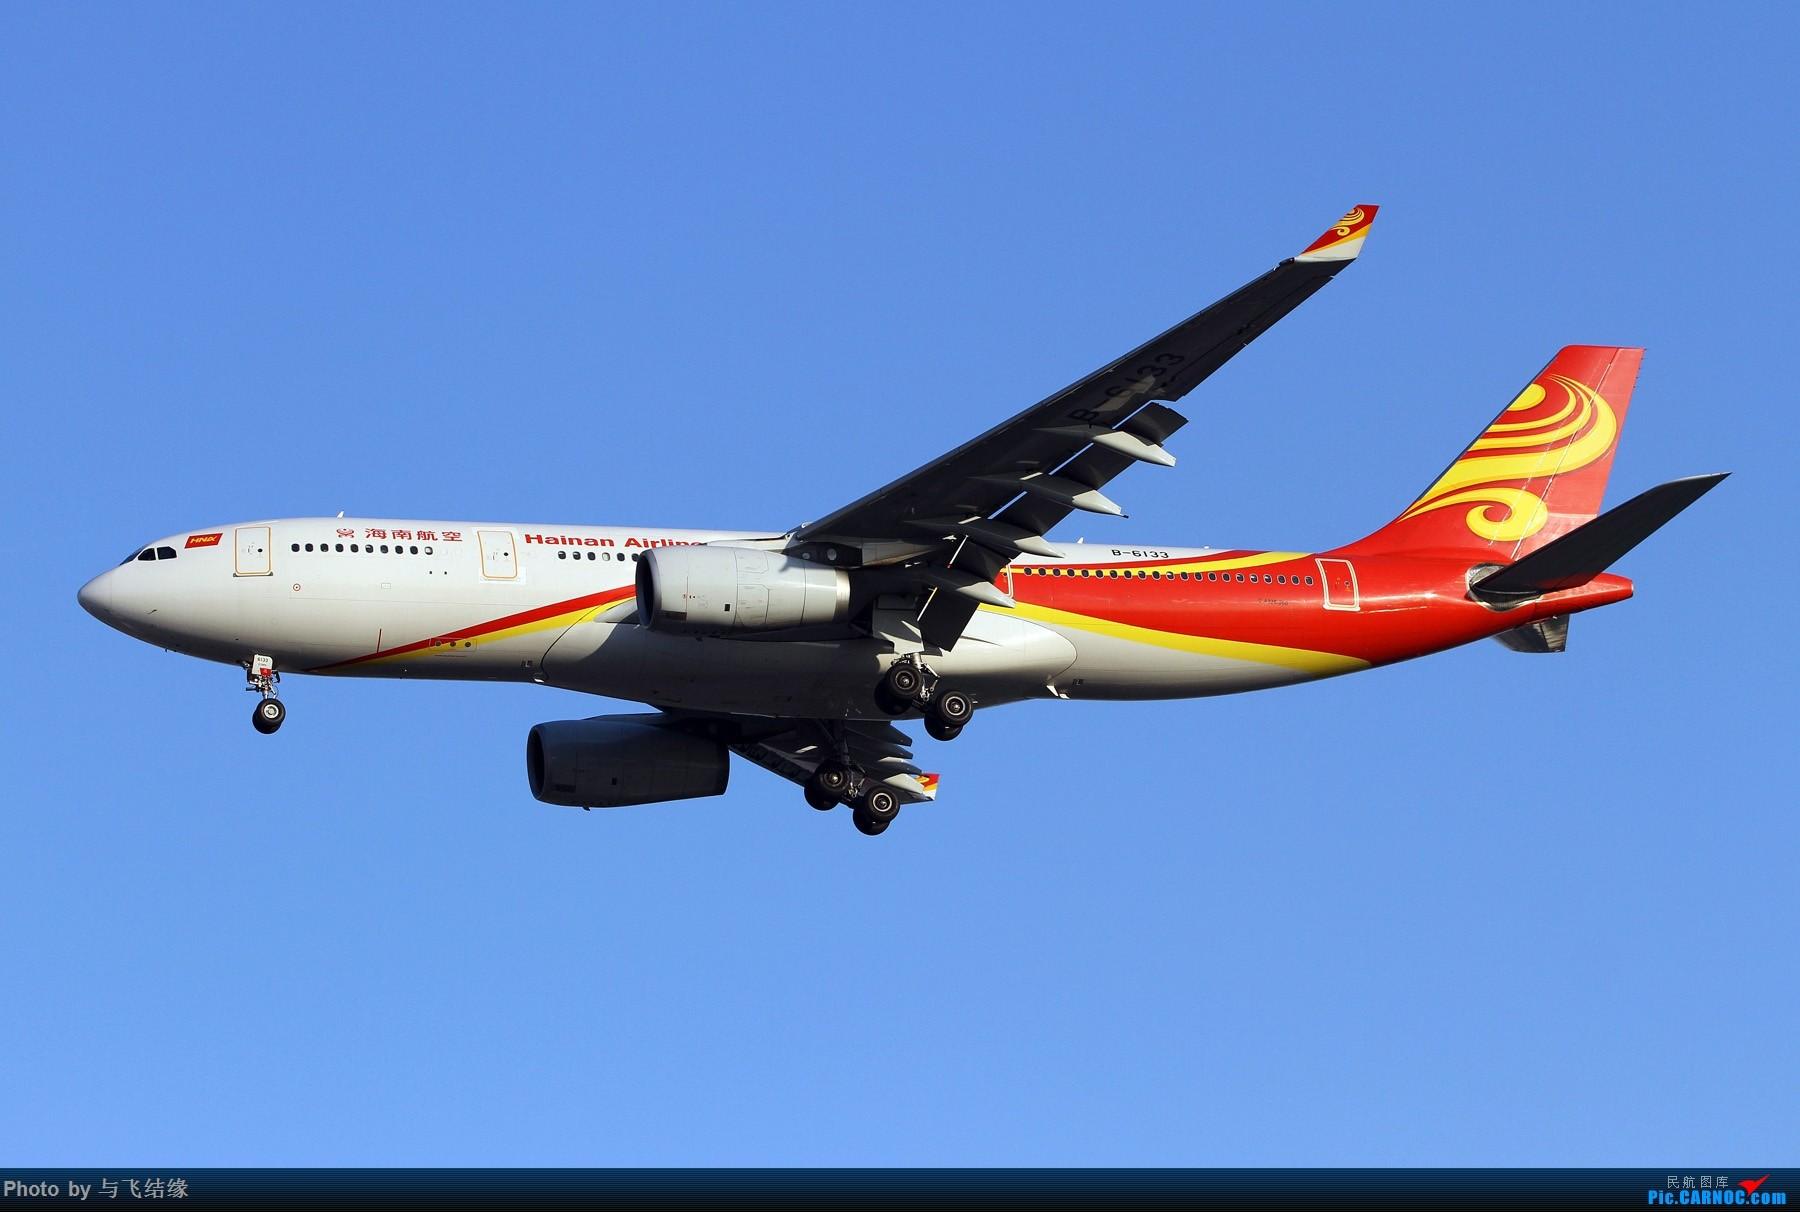 Re:[原创]十二月十号天气不错,楼了几张拙作出来露个脸发一下。 AIRBUS A330-200 B-6133 中国北京首都国际机场